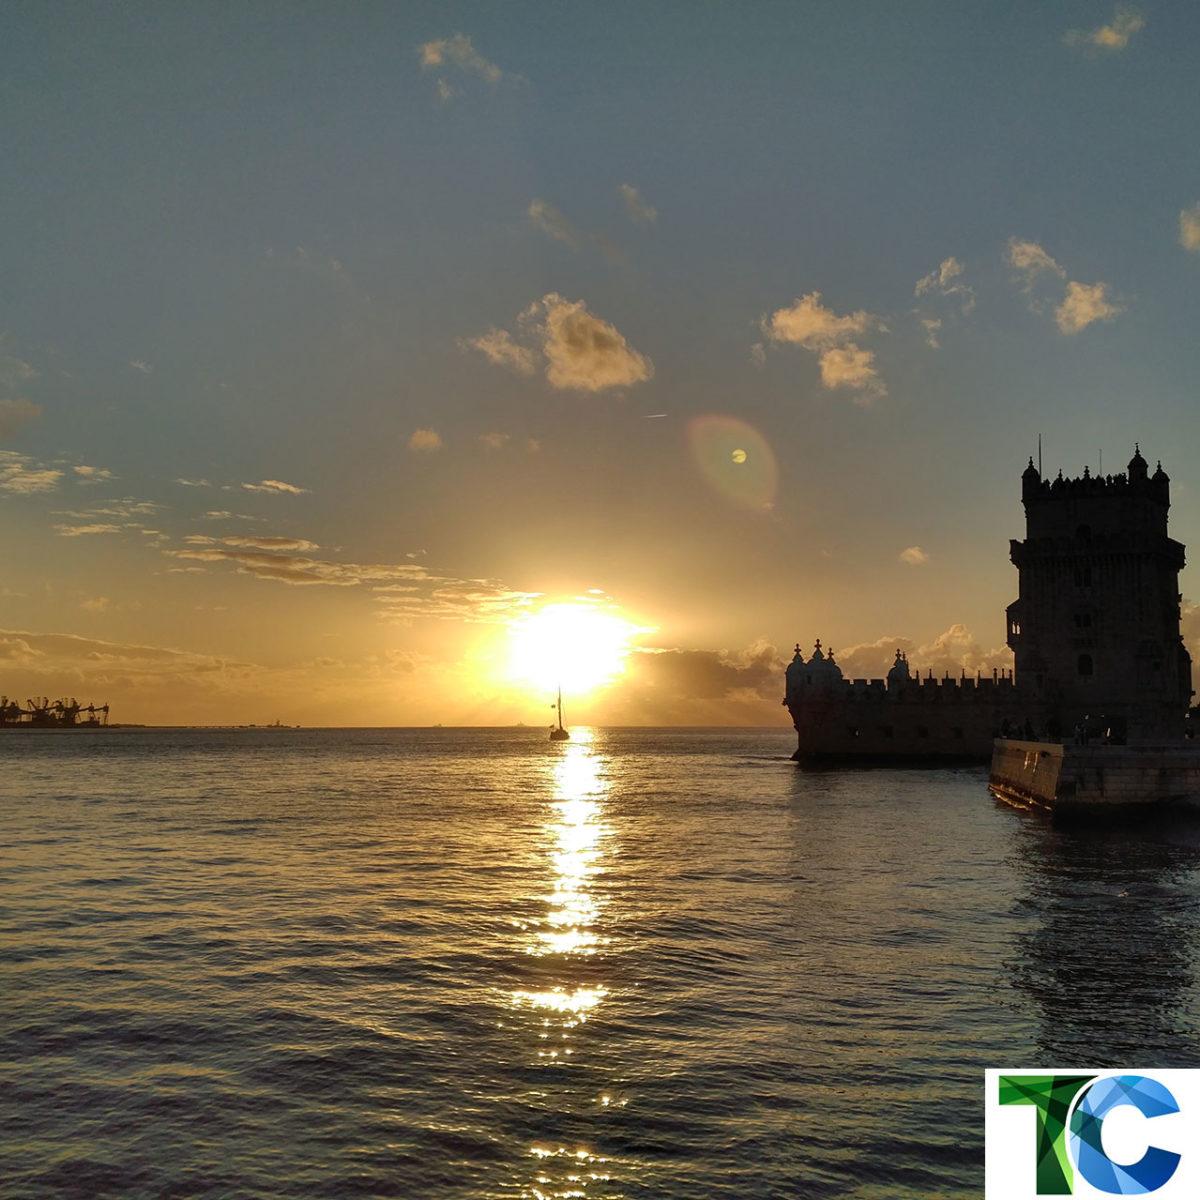 Sonnenuntergang am Torre de Belém (deutsch Turm von Belém) an der Tejomündung ist eines der bekanntesten Wahrzeichen Lissabons. (Bild: Thorsten Claus)